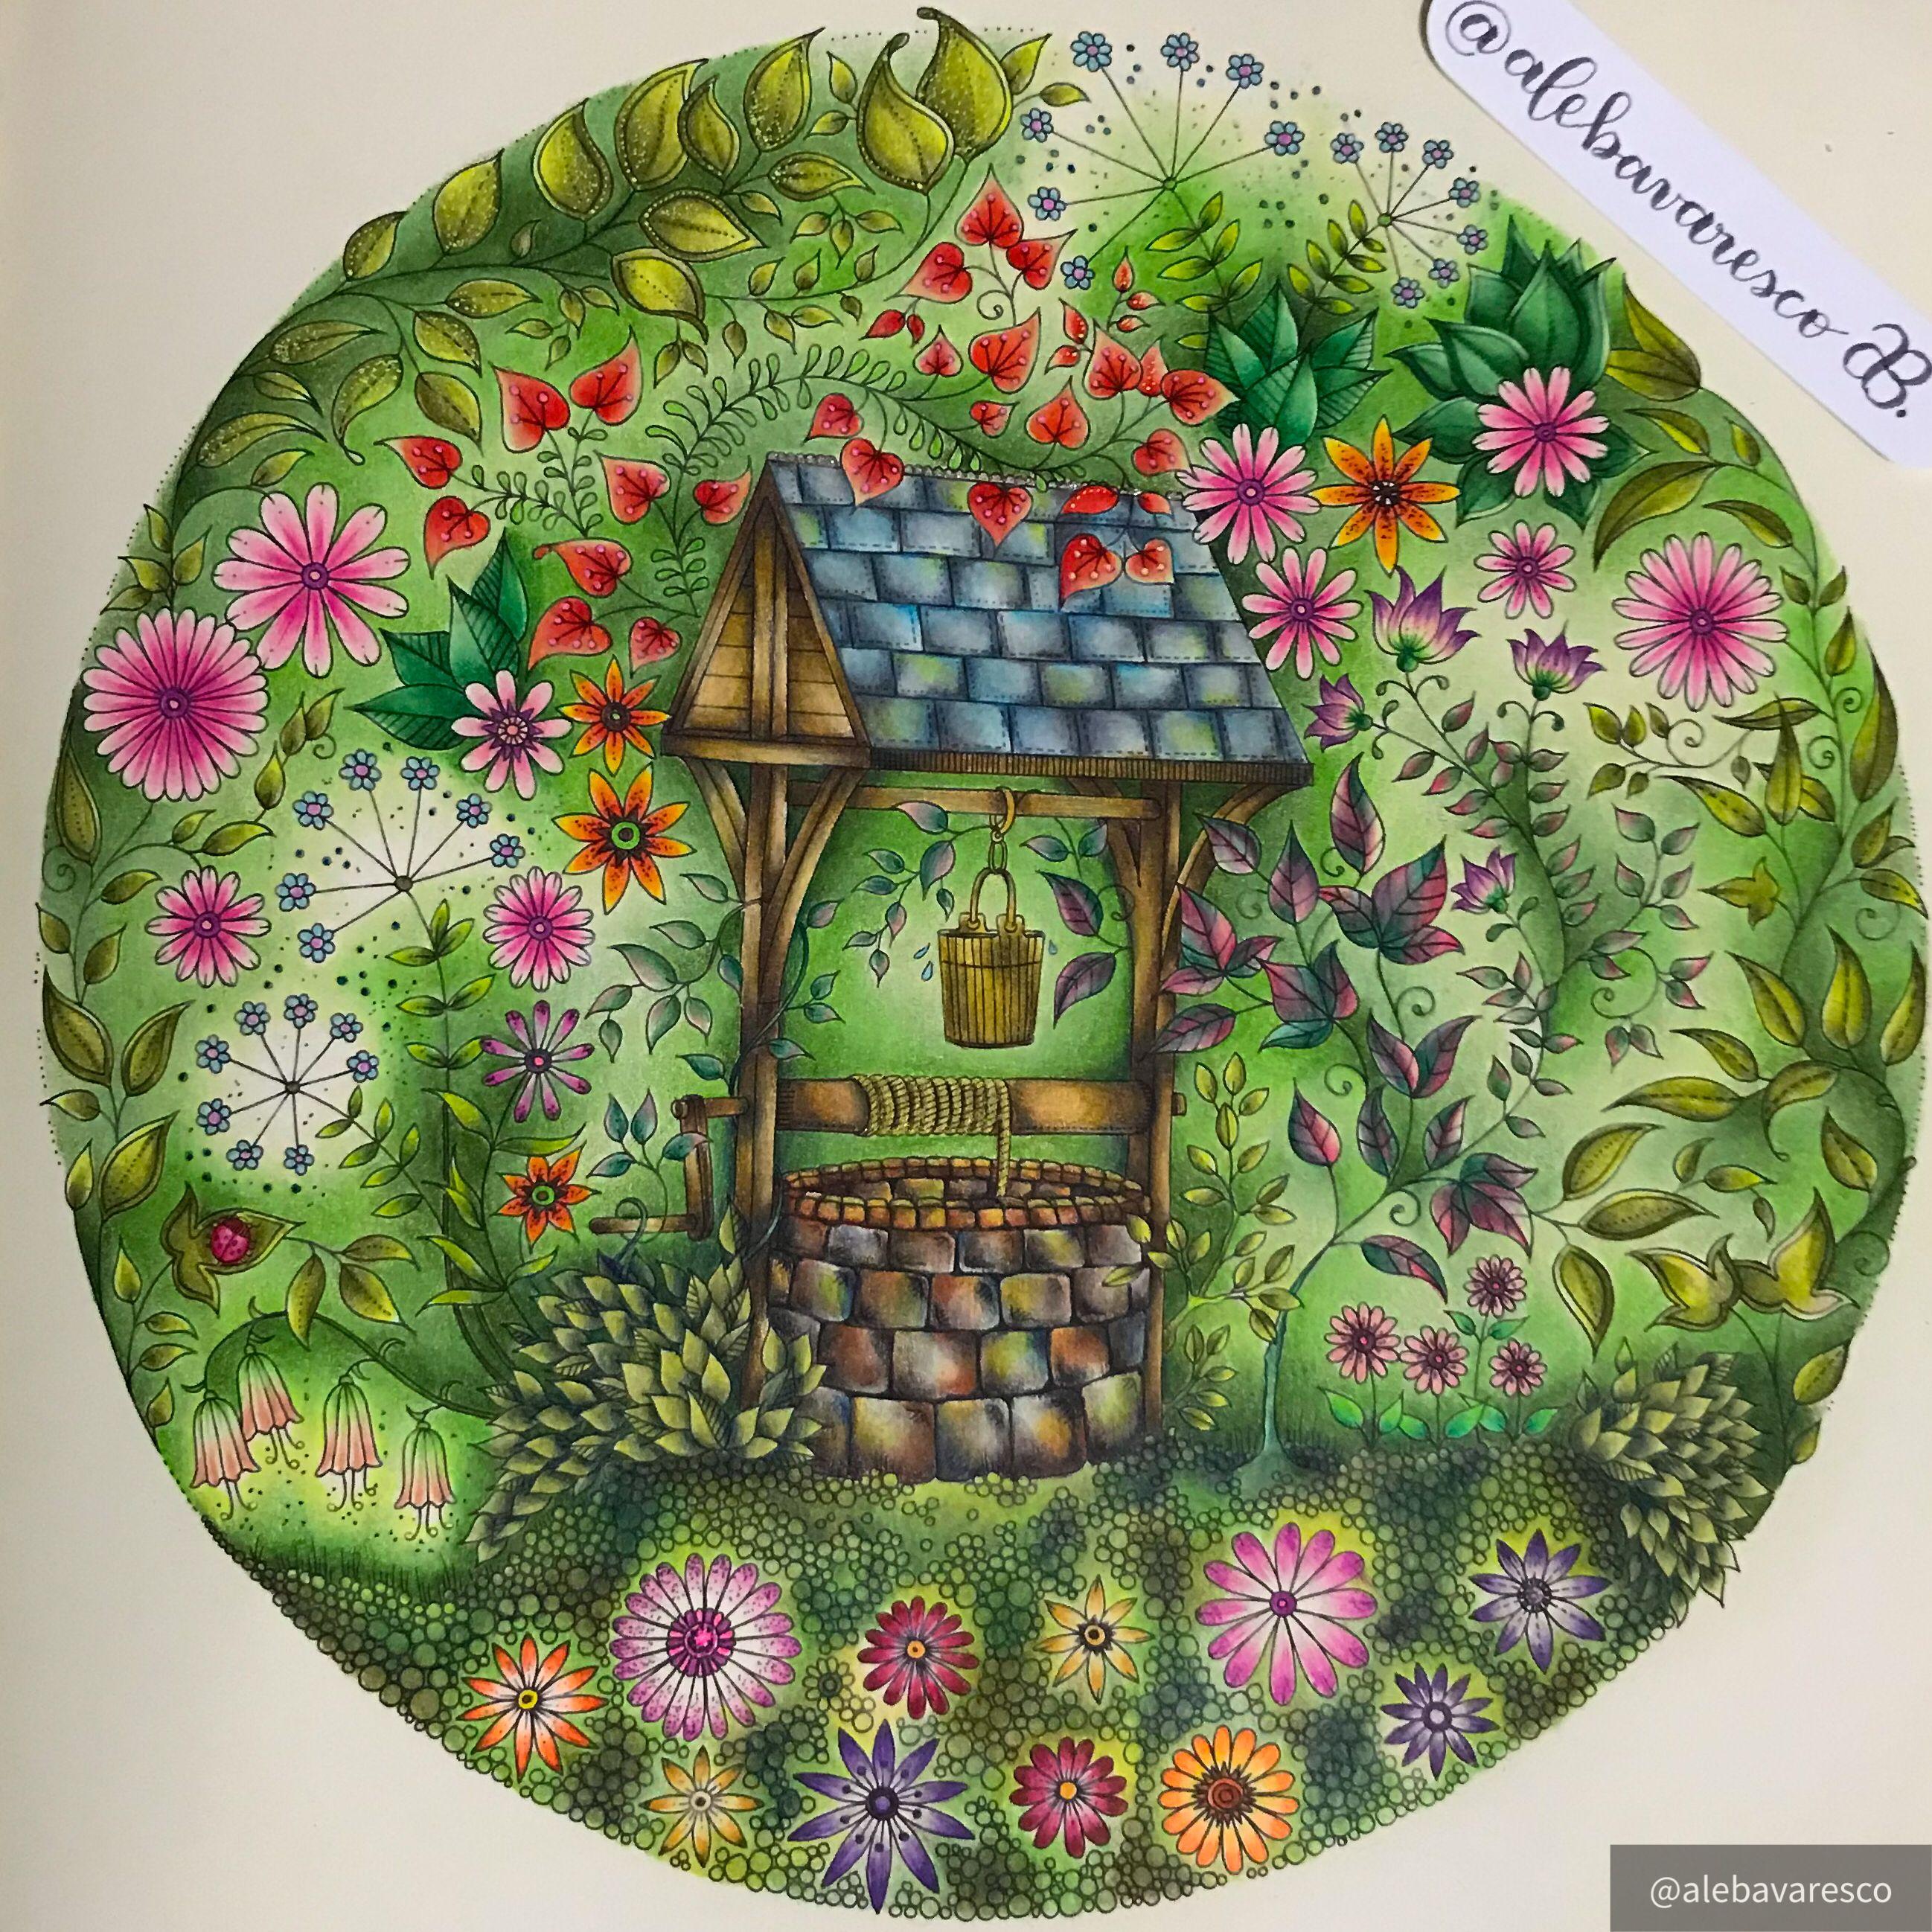 Secret Garden Secret Garden Coloring Book Secret Garden Coloring Book Finished Coloring Book Art